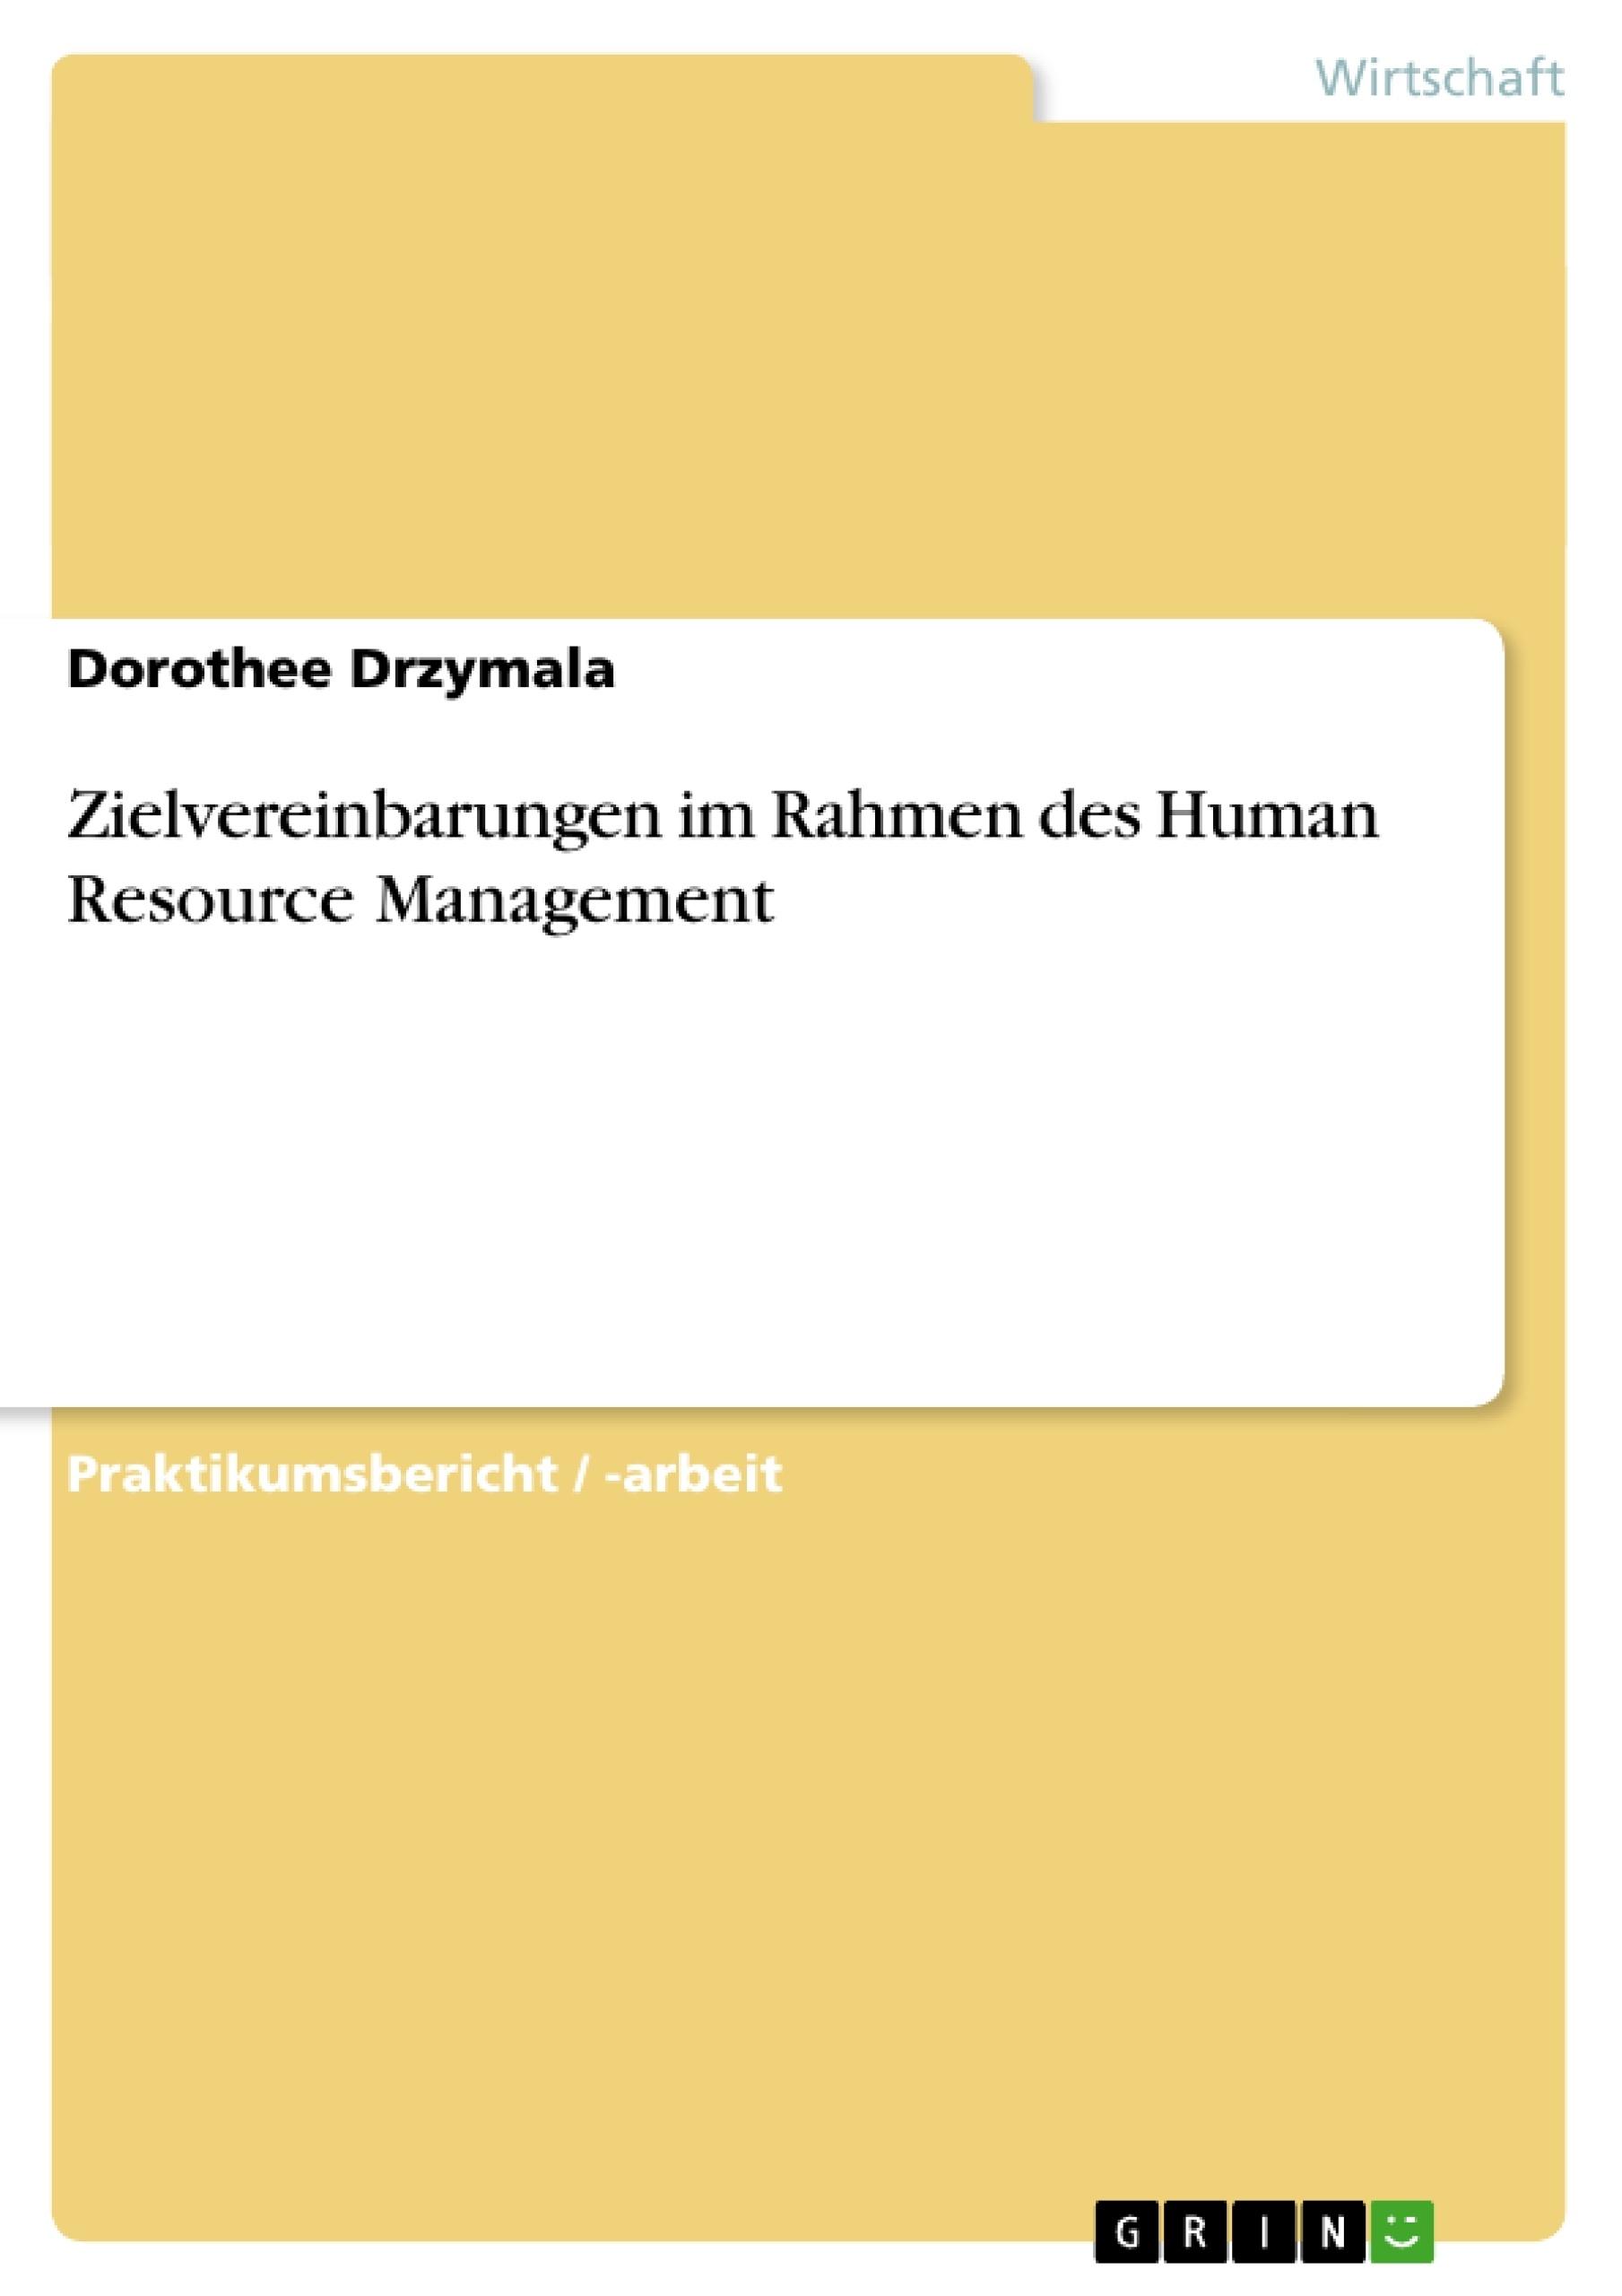 Titel: Zielvereinbarungen im Rahmen des Human Resource Management